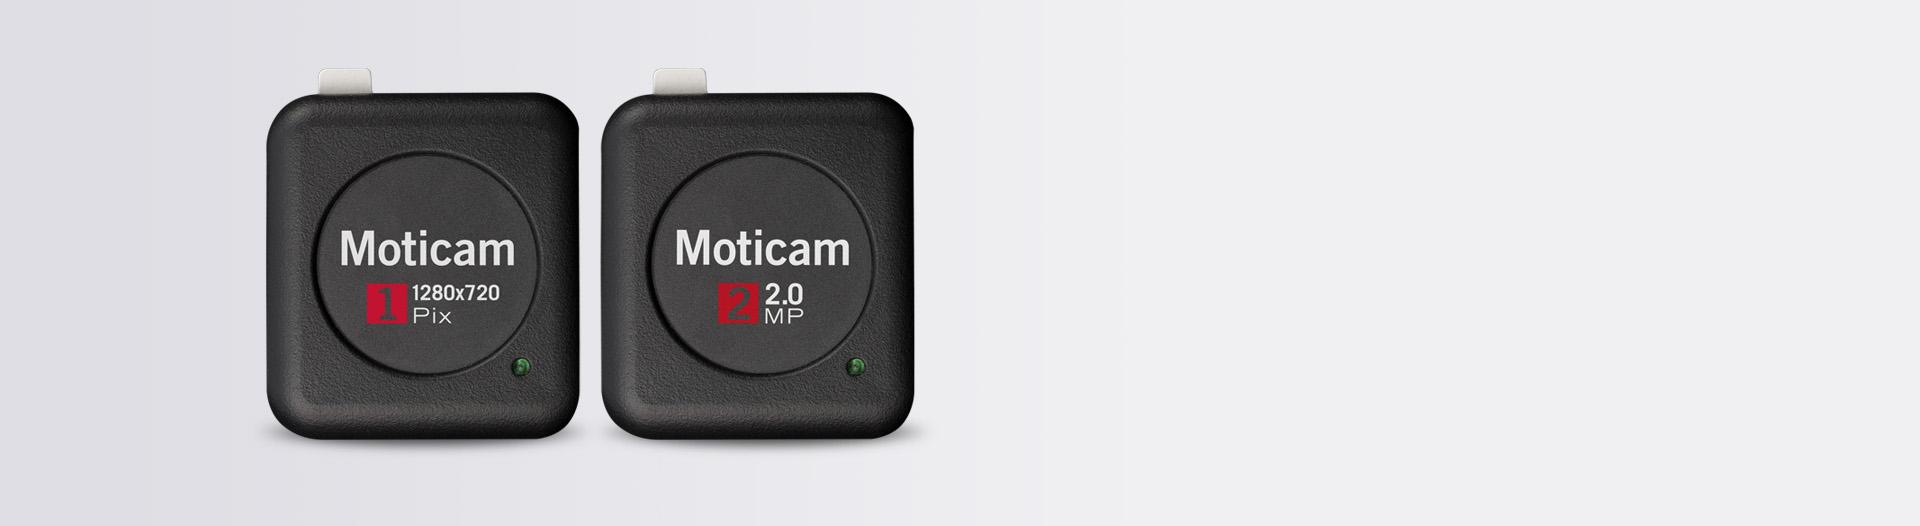 Moticam 1 & 2 USB